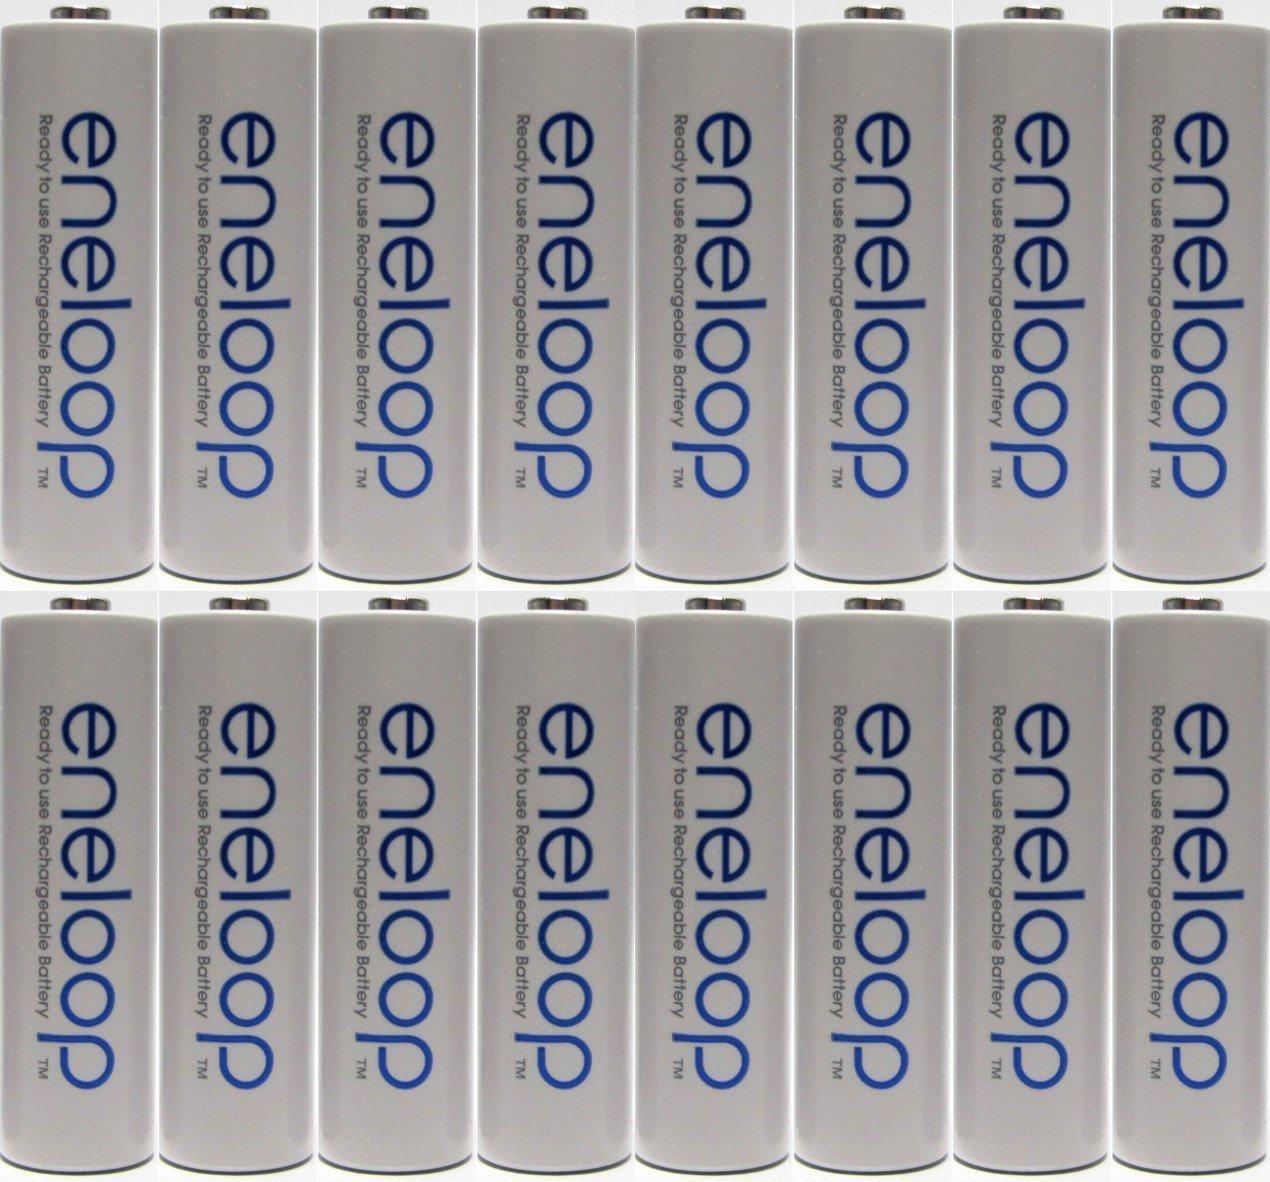 Panasonic Eneloop Cargador de pilas que incluye 16 pilas ...